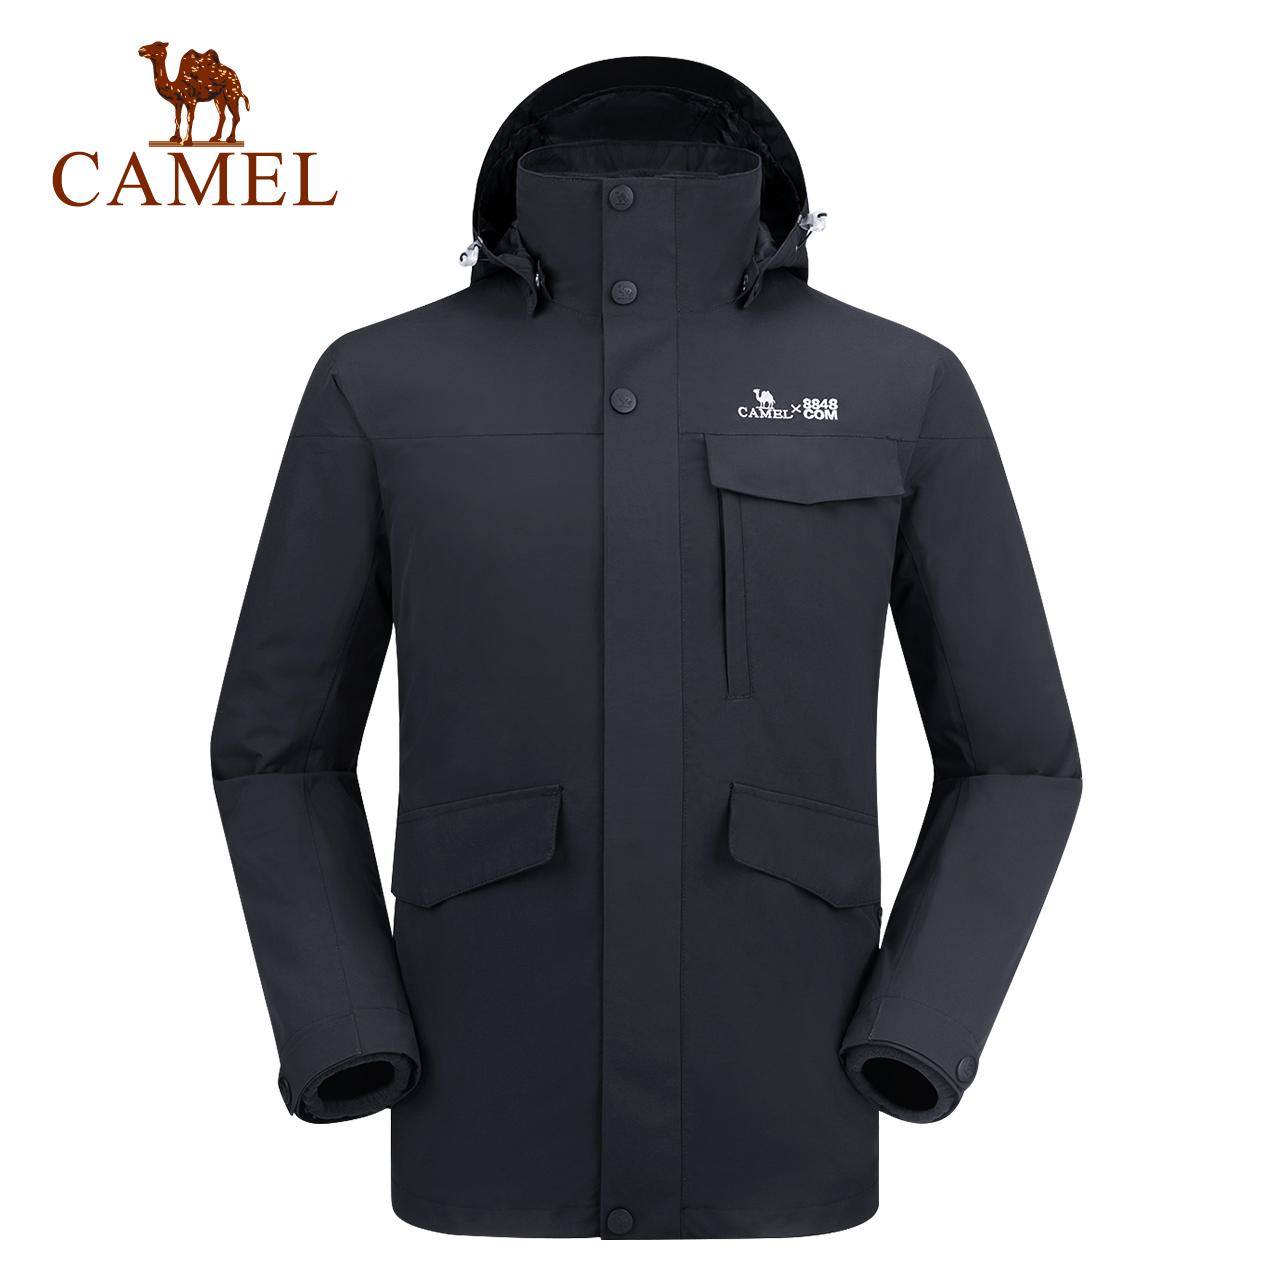 骆驼冲锋衣男女潮牌防风防水加绒加厚可拆卸三合一两件套冲锋衣冬